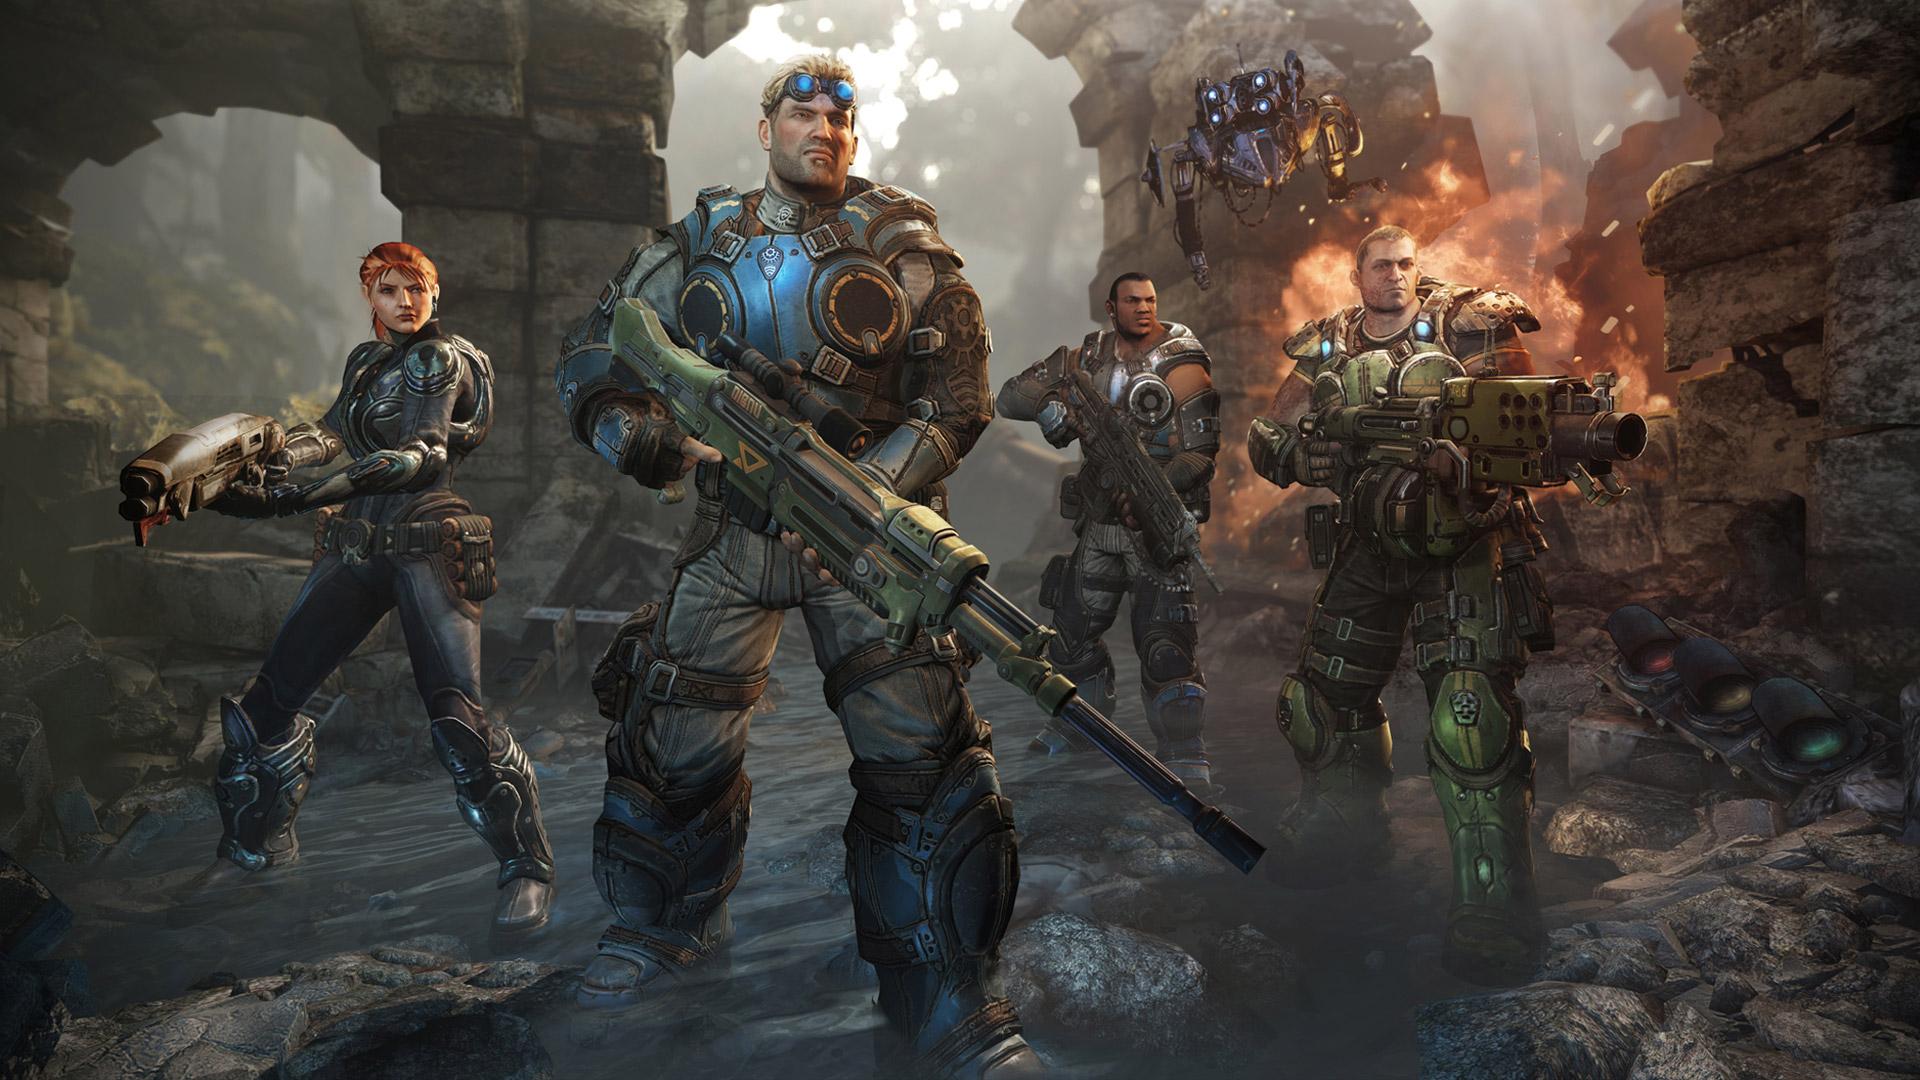 Gears of War Judgement wallpaper 10